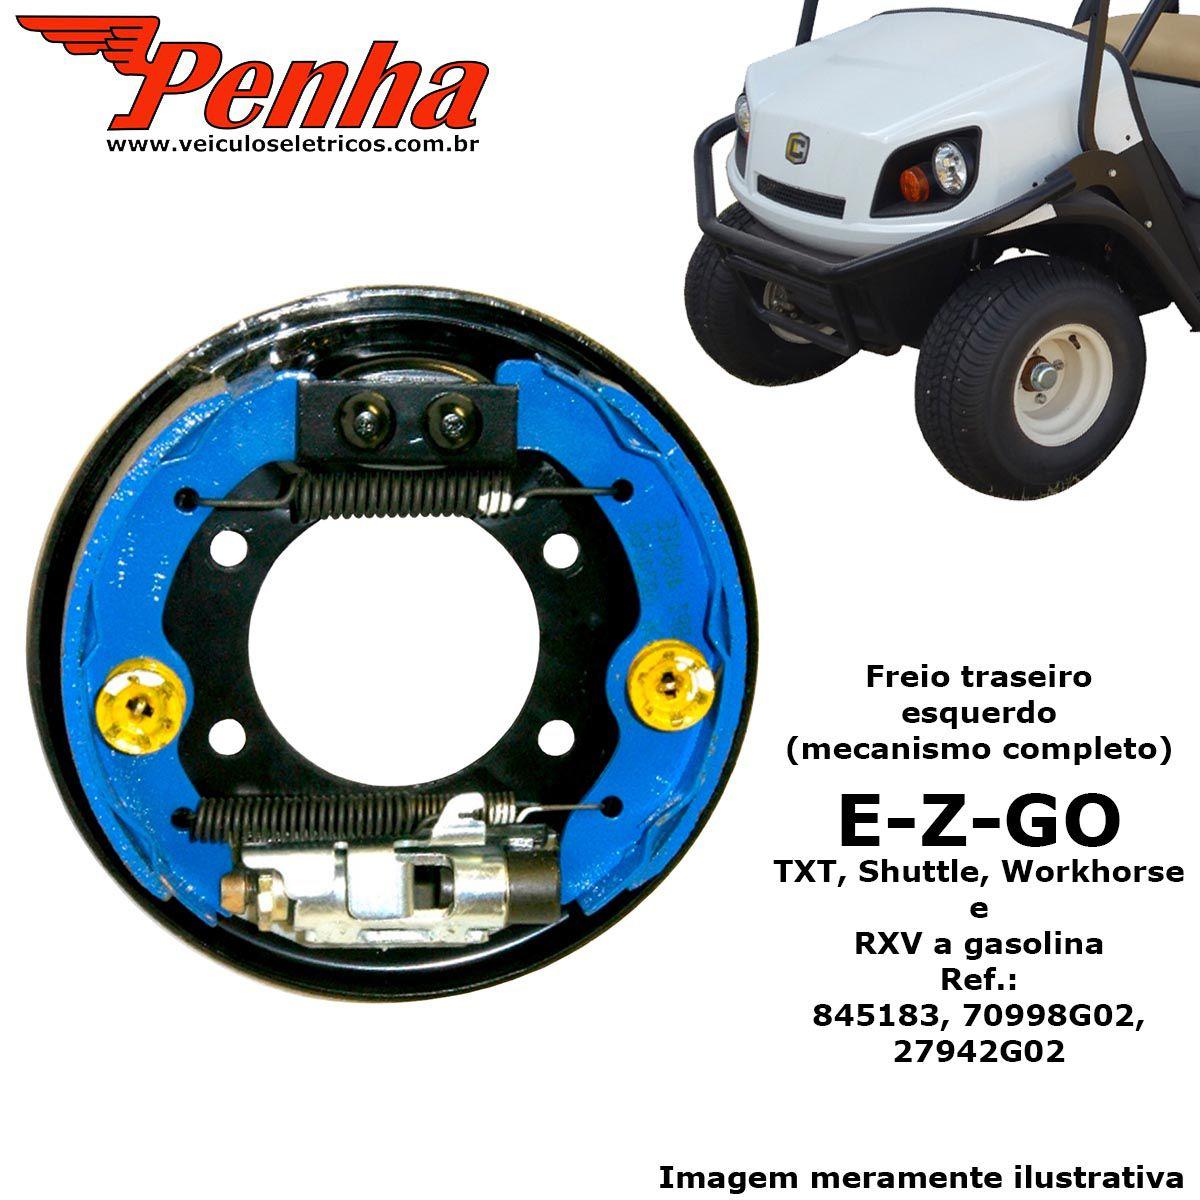 Espelho de freio para carrinho de golfe EZ-GO (Lado Esquerdo)